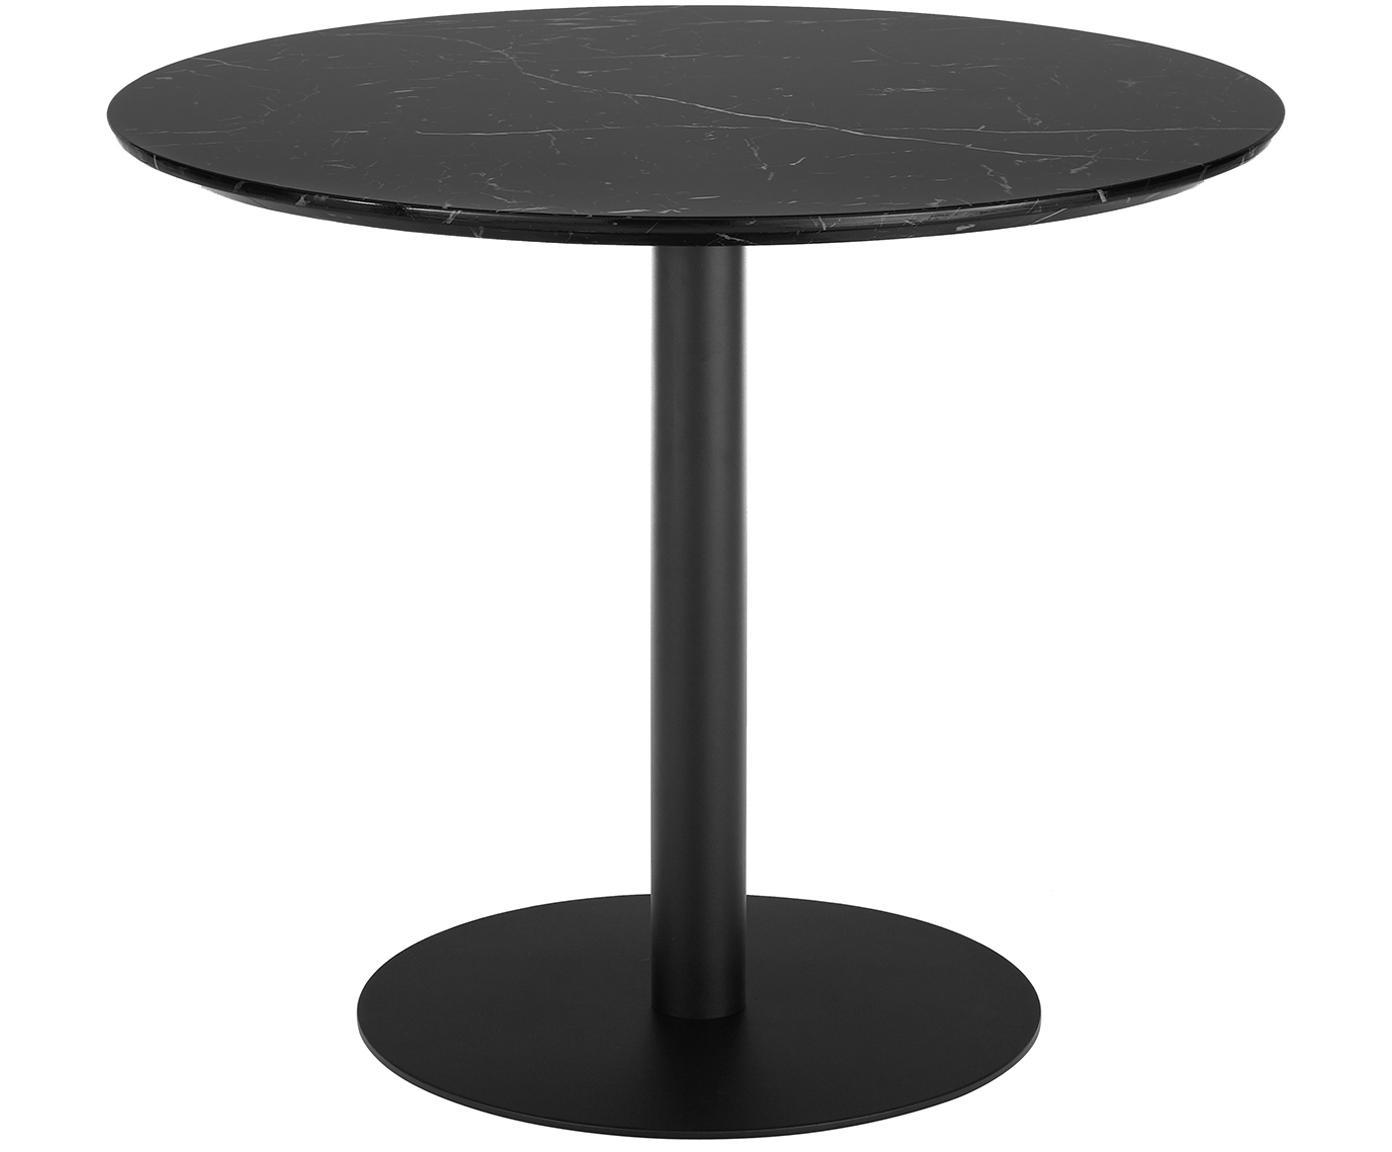 Marmeren ronde eettafel Karla, Tafelblad: MDF, bedekt met gelakt pa, Tafelblad: zwart, gemarmerd. Tafelpoot: mat zwart, Ø 90 x H 75 cm